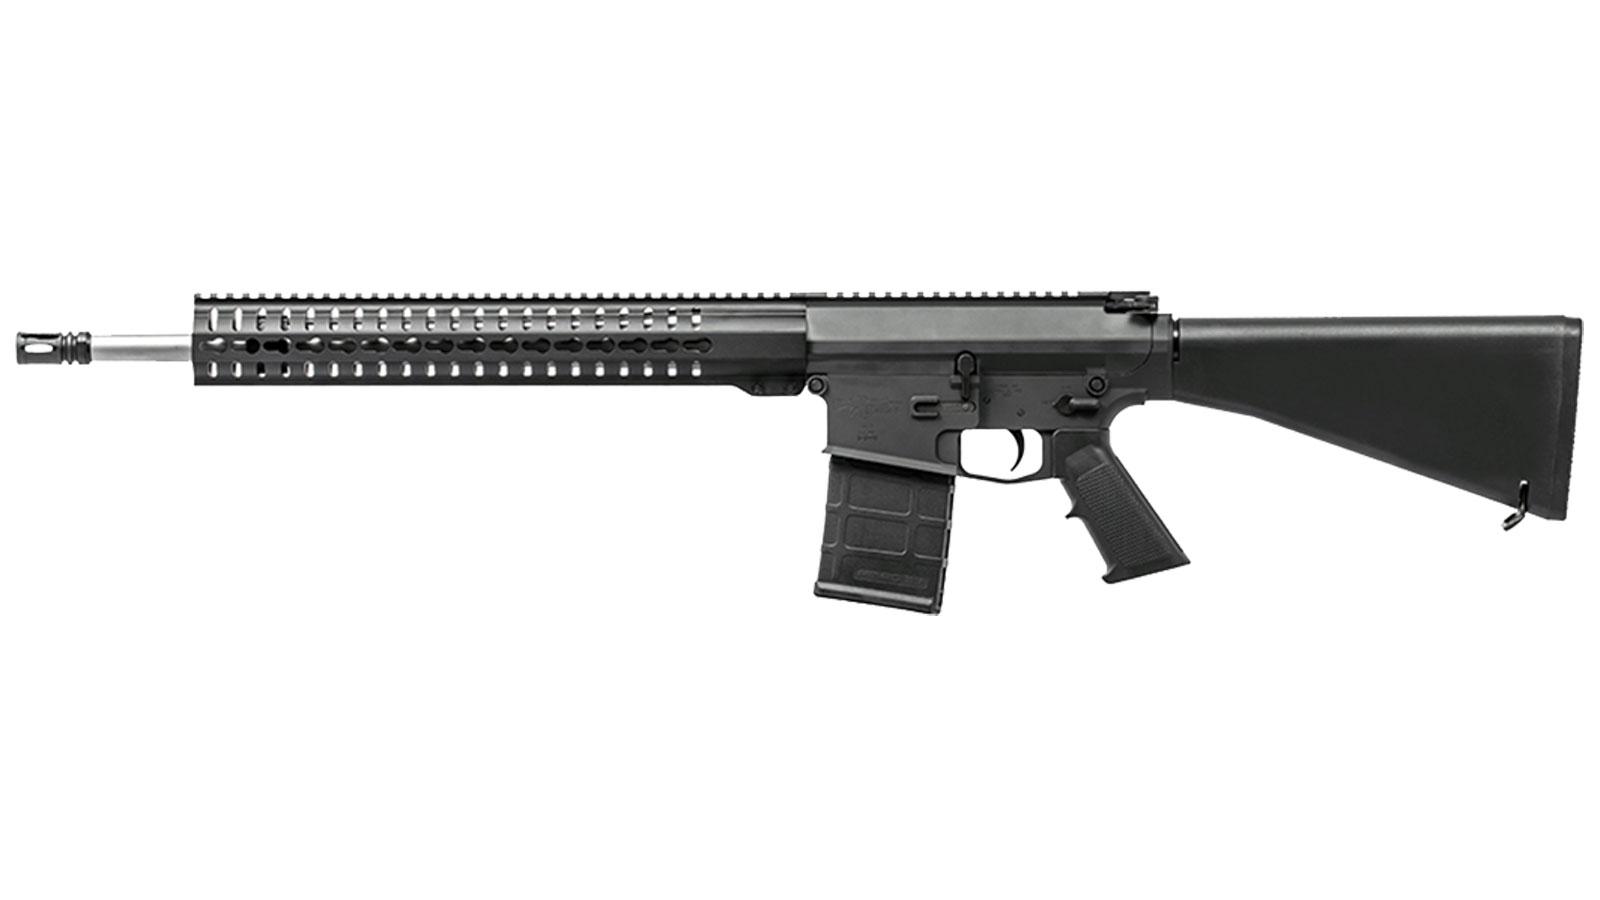 CMMG 38ACC76 Mk3 308 Win Semi-Automatic 308 Winchester|7.62 NATO 18 20+1 A1 Black Stk Black in.